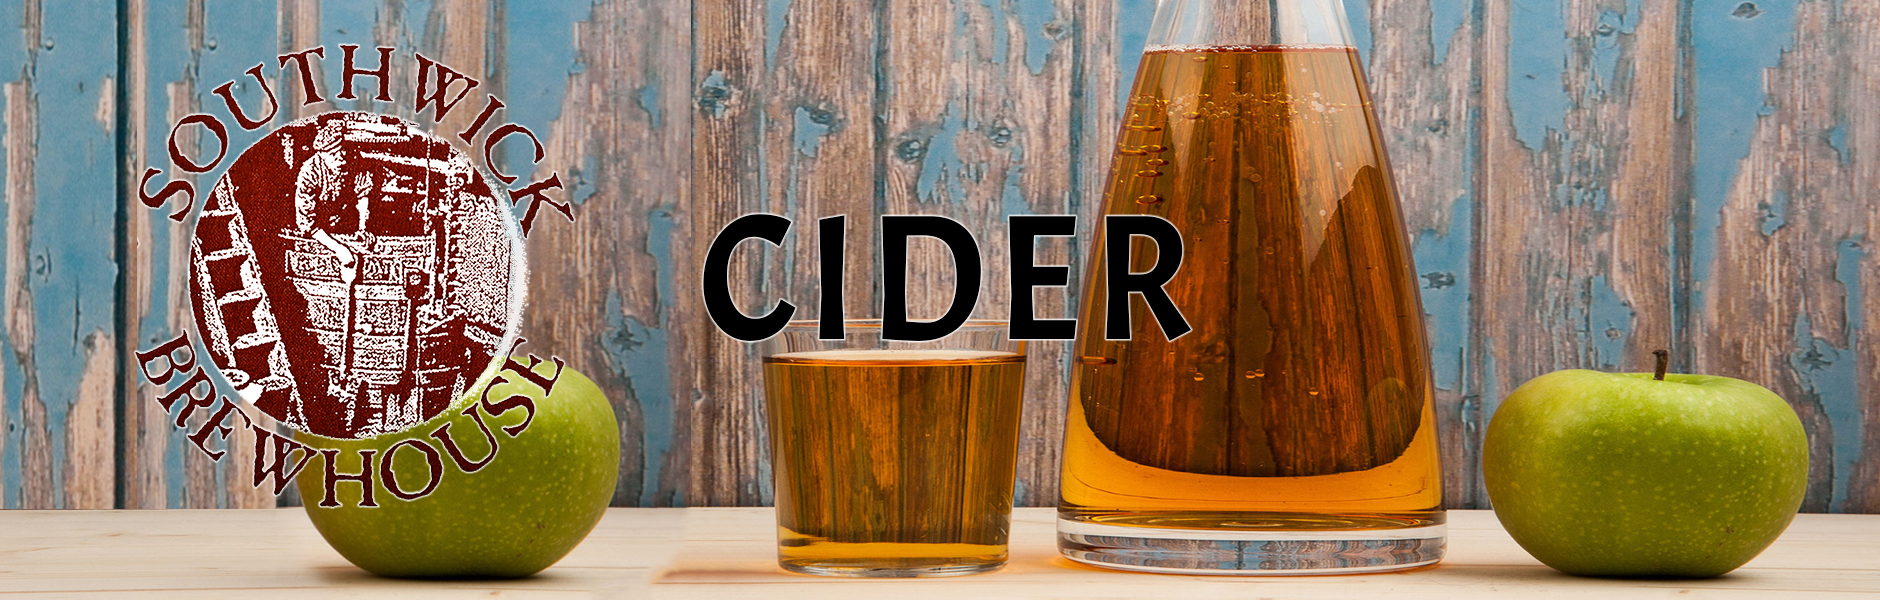 cider banner